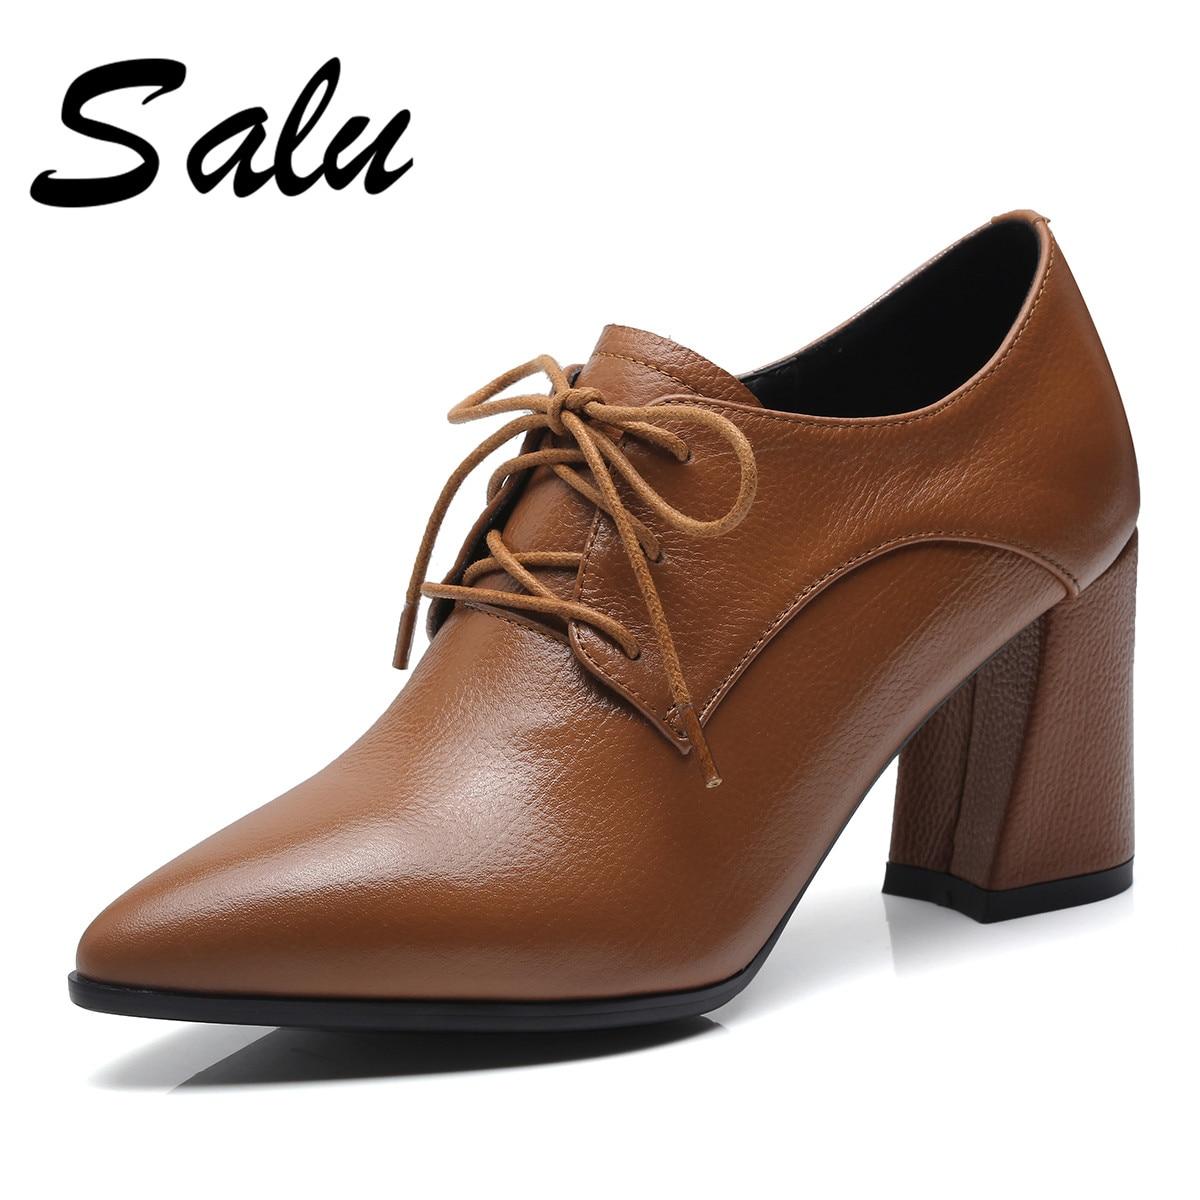 De Negro Bombas Elegante Cuero Puntiagudo Sales Fletiter Zapatos marrón Damas Del Mujer Genuino Tacón Dedo Alto Pie 5Y7ZX7x